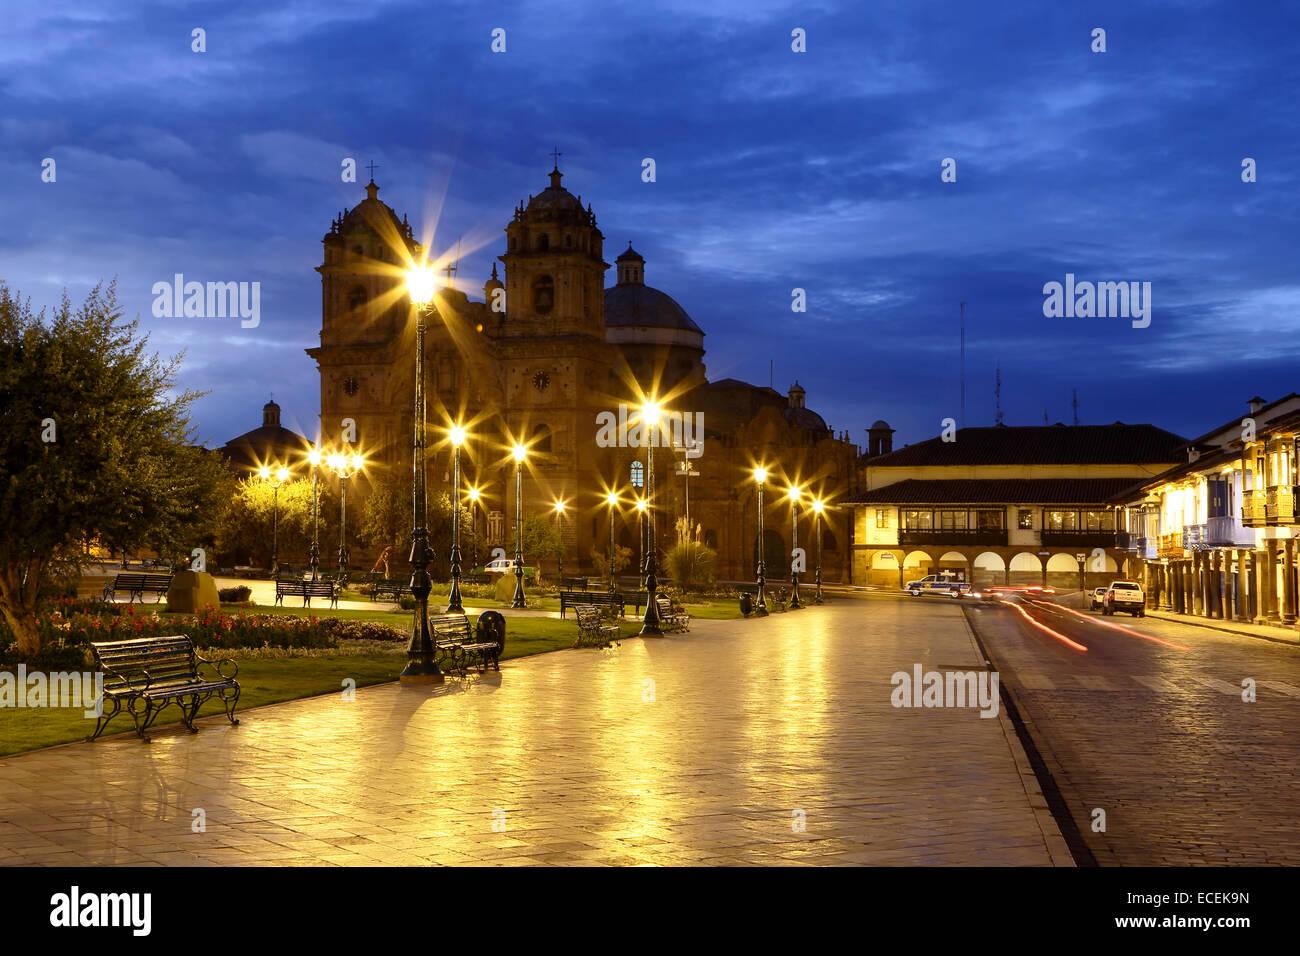 La Compania de Jesus (The Company of Jesus) Church on the Plaza de Armas, Cusco, Peru - Stock Image